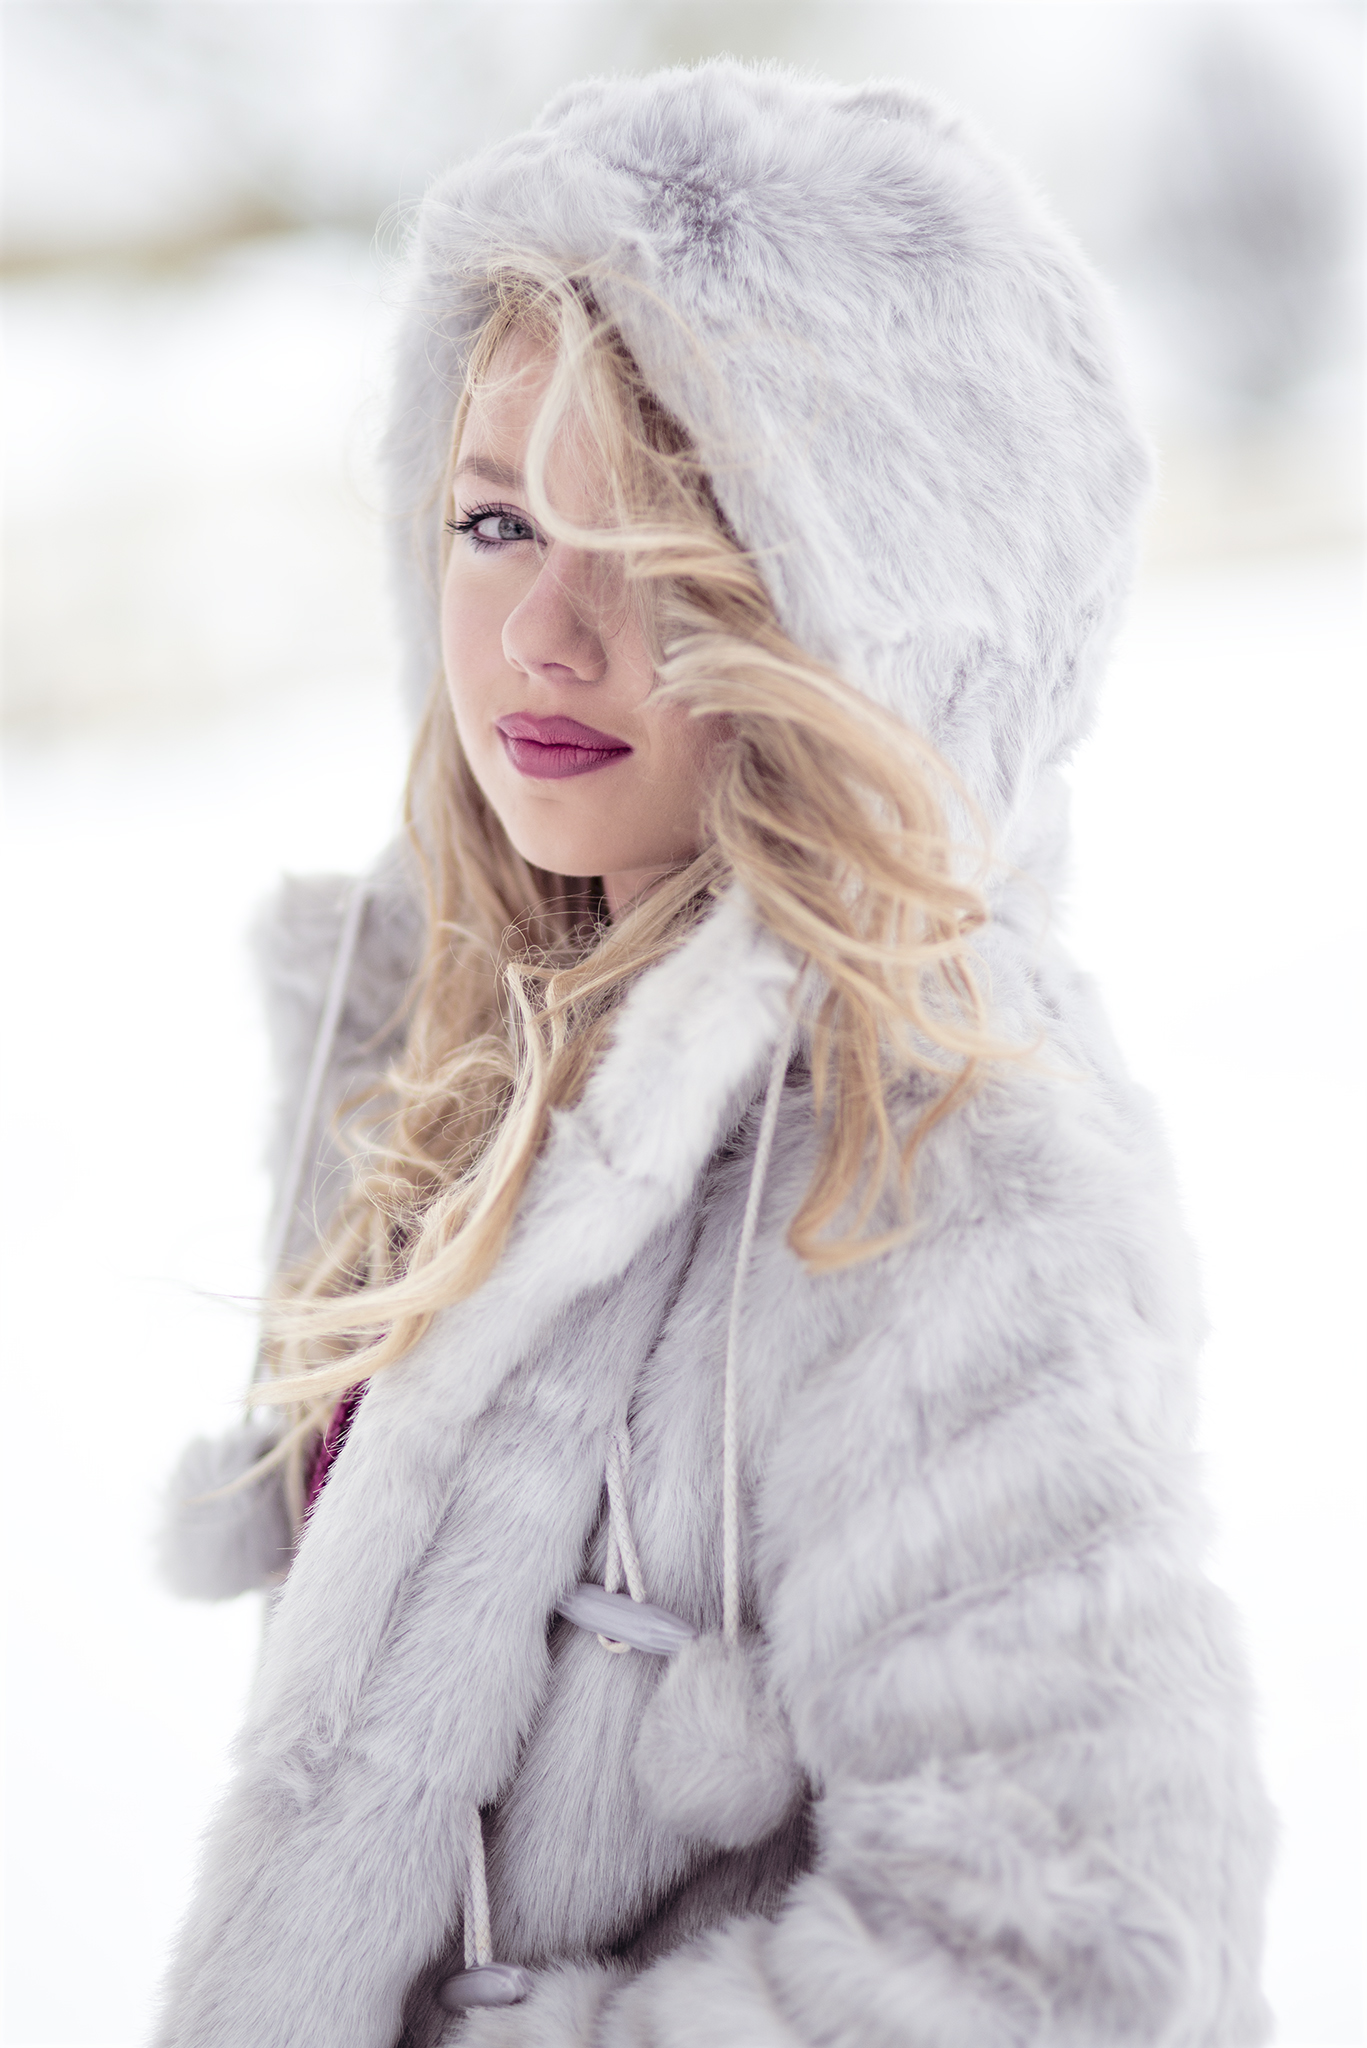 snow model ireland dublin beautiful